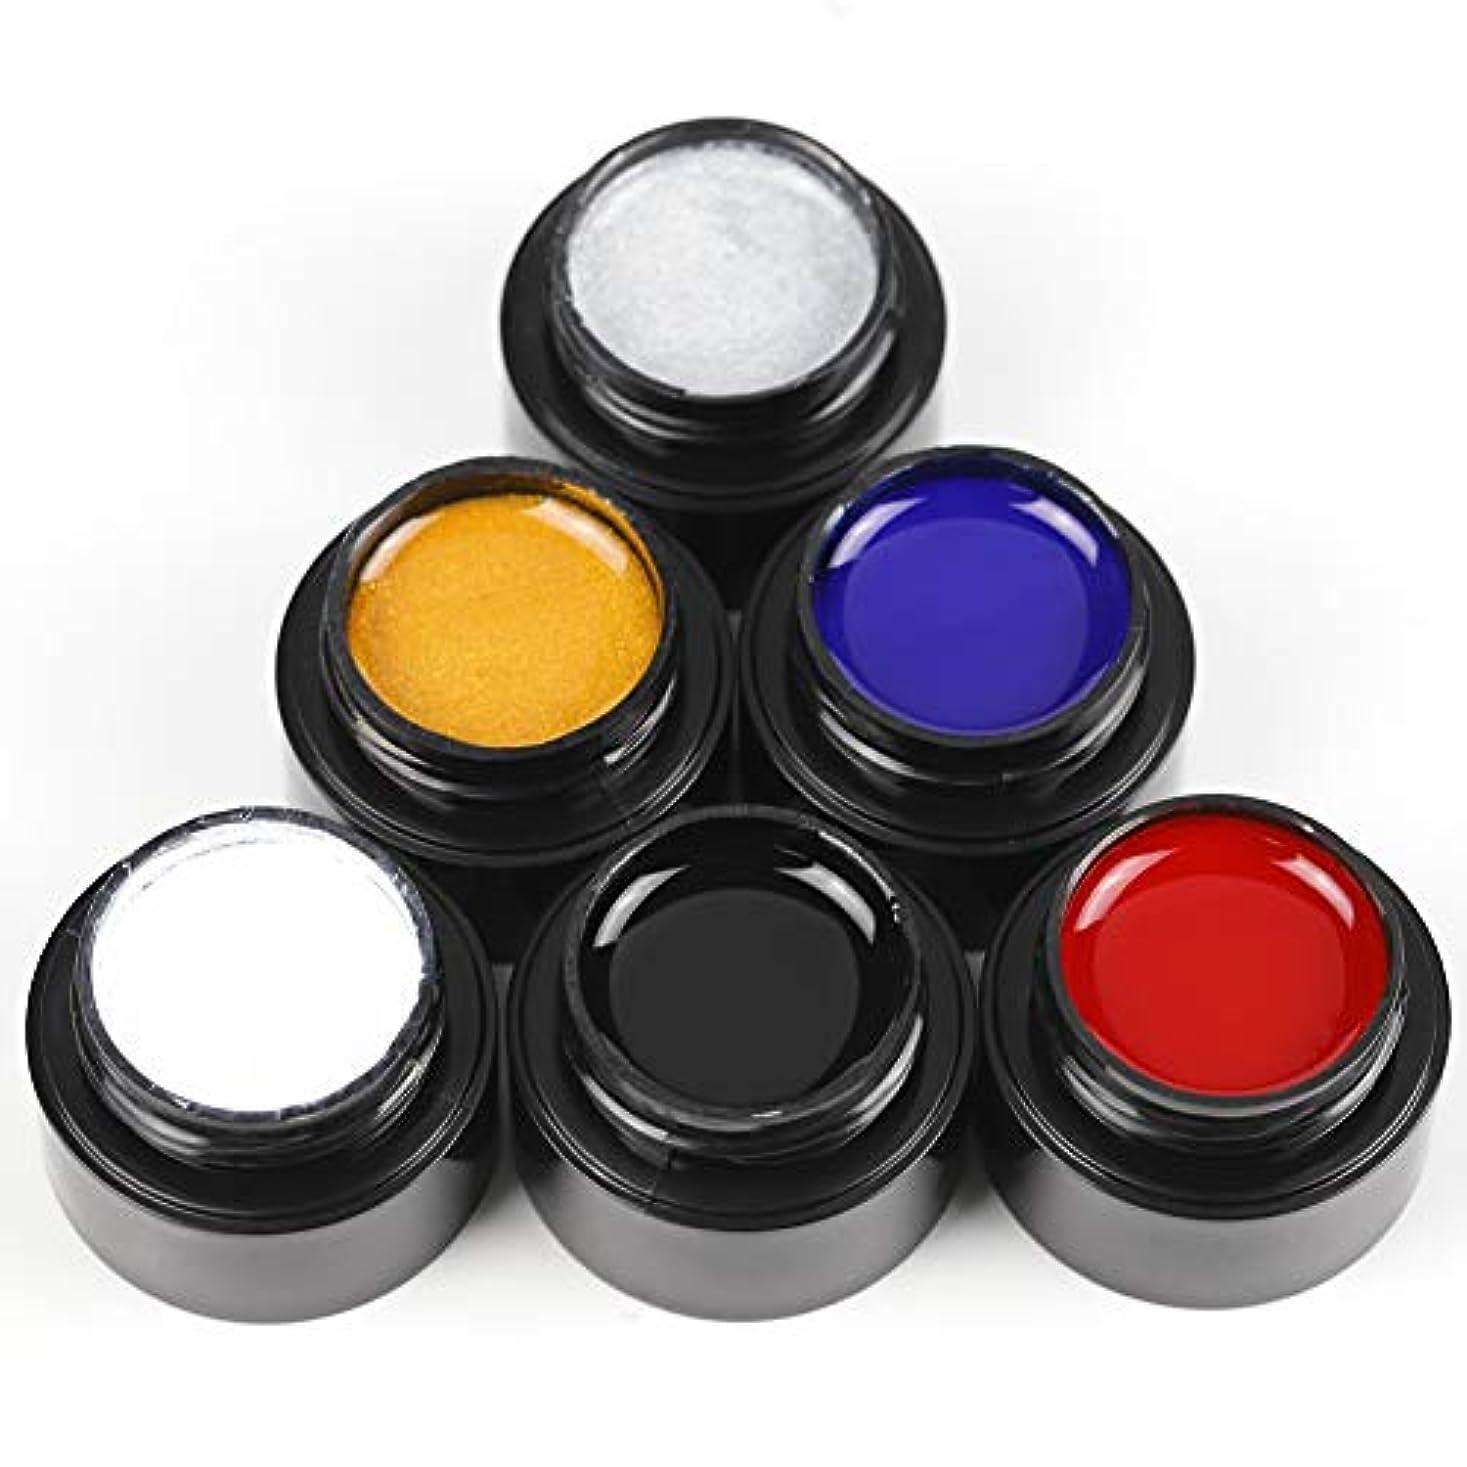 阻害する抜け目がない人気のTwinkle Store ライナージェル 5ml 6ボトルセット 6色入り カラージェル ジェルネイルカラー UV/LED 适用 ネイルアートジェル